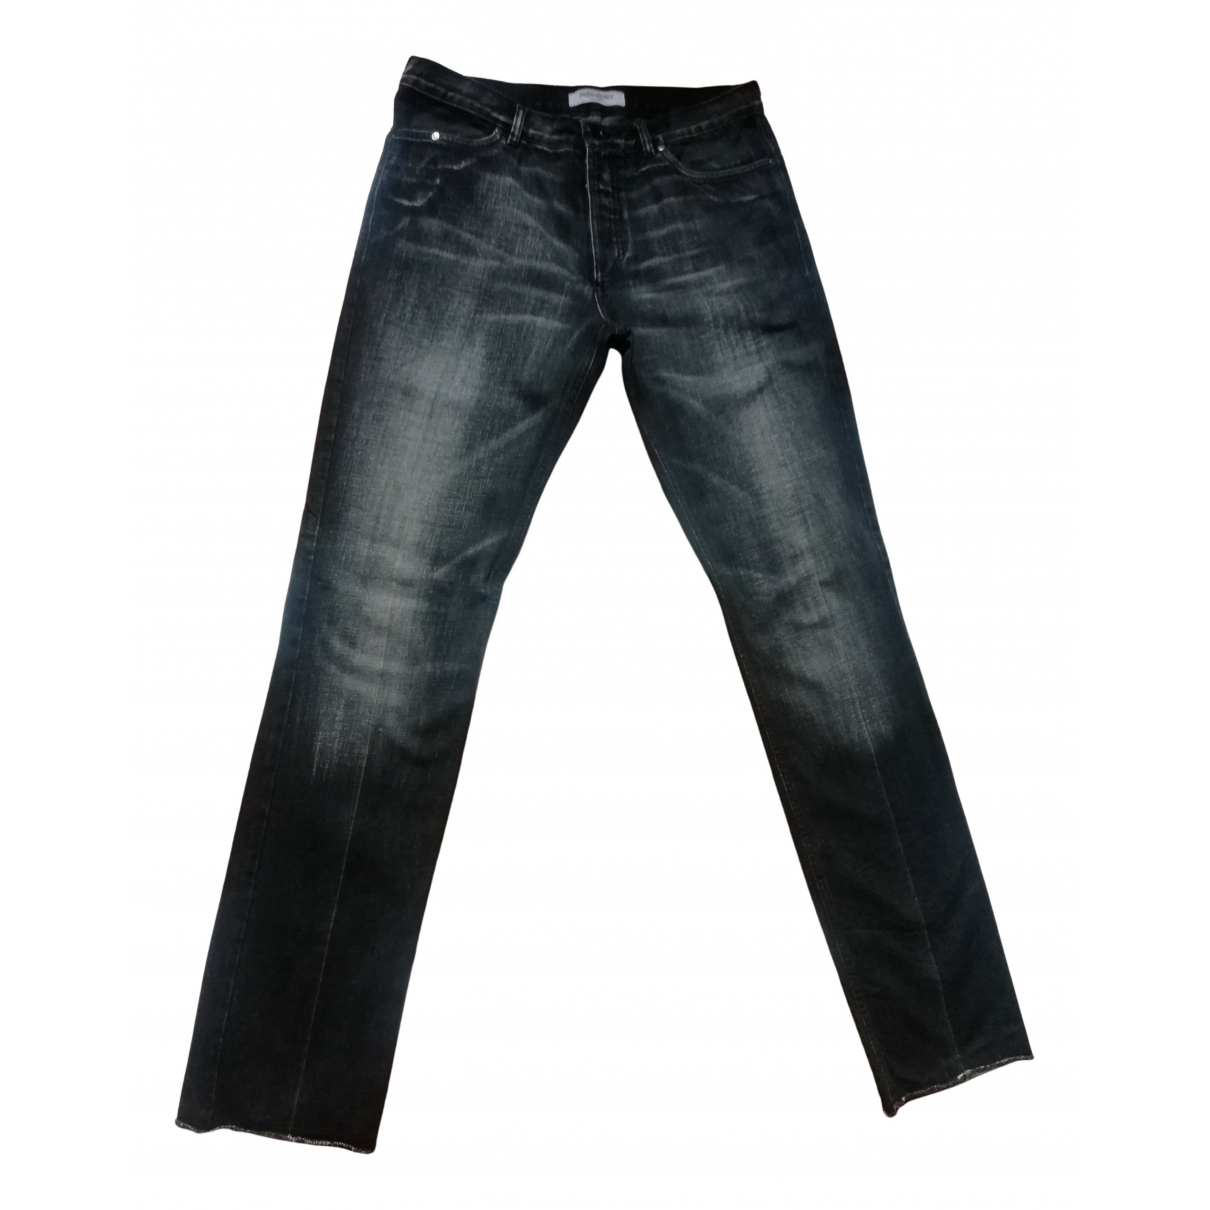 Yves Saint Laurent \N Black Cotton Jeans for Men 38 FR